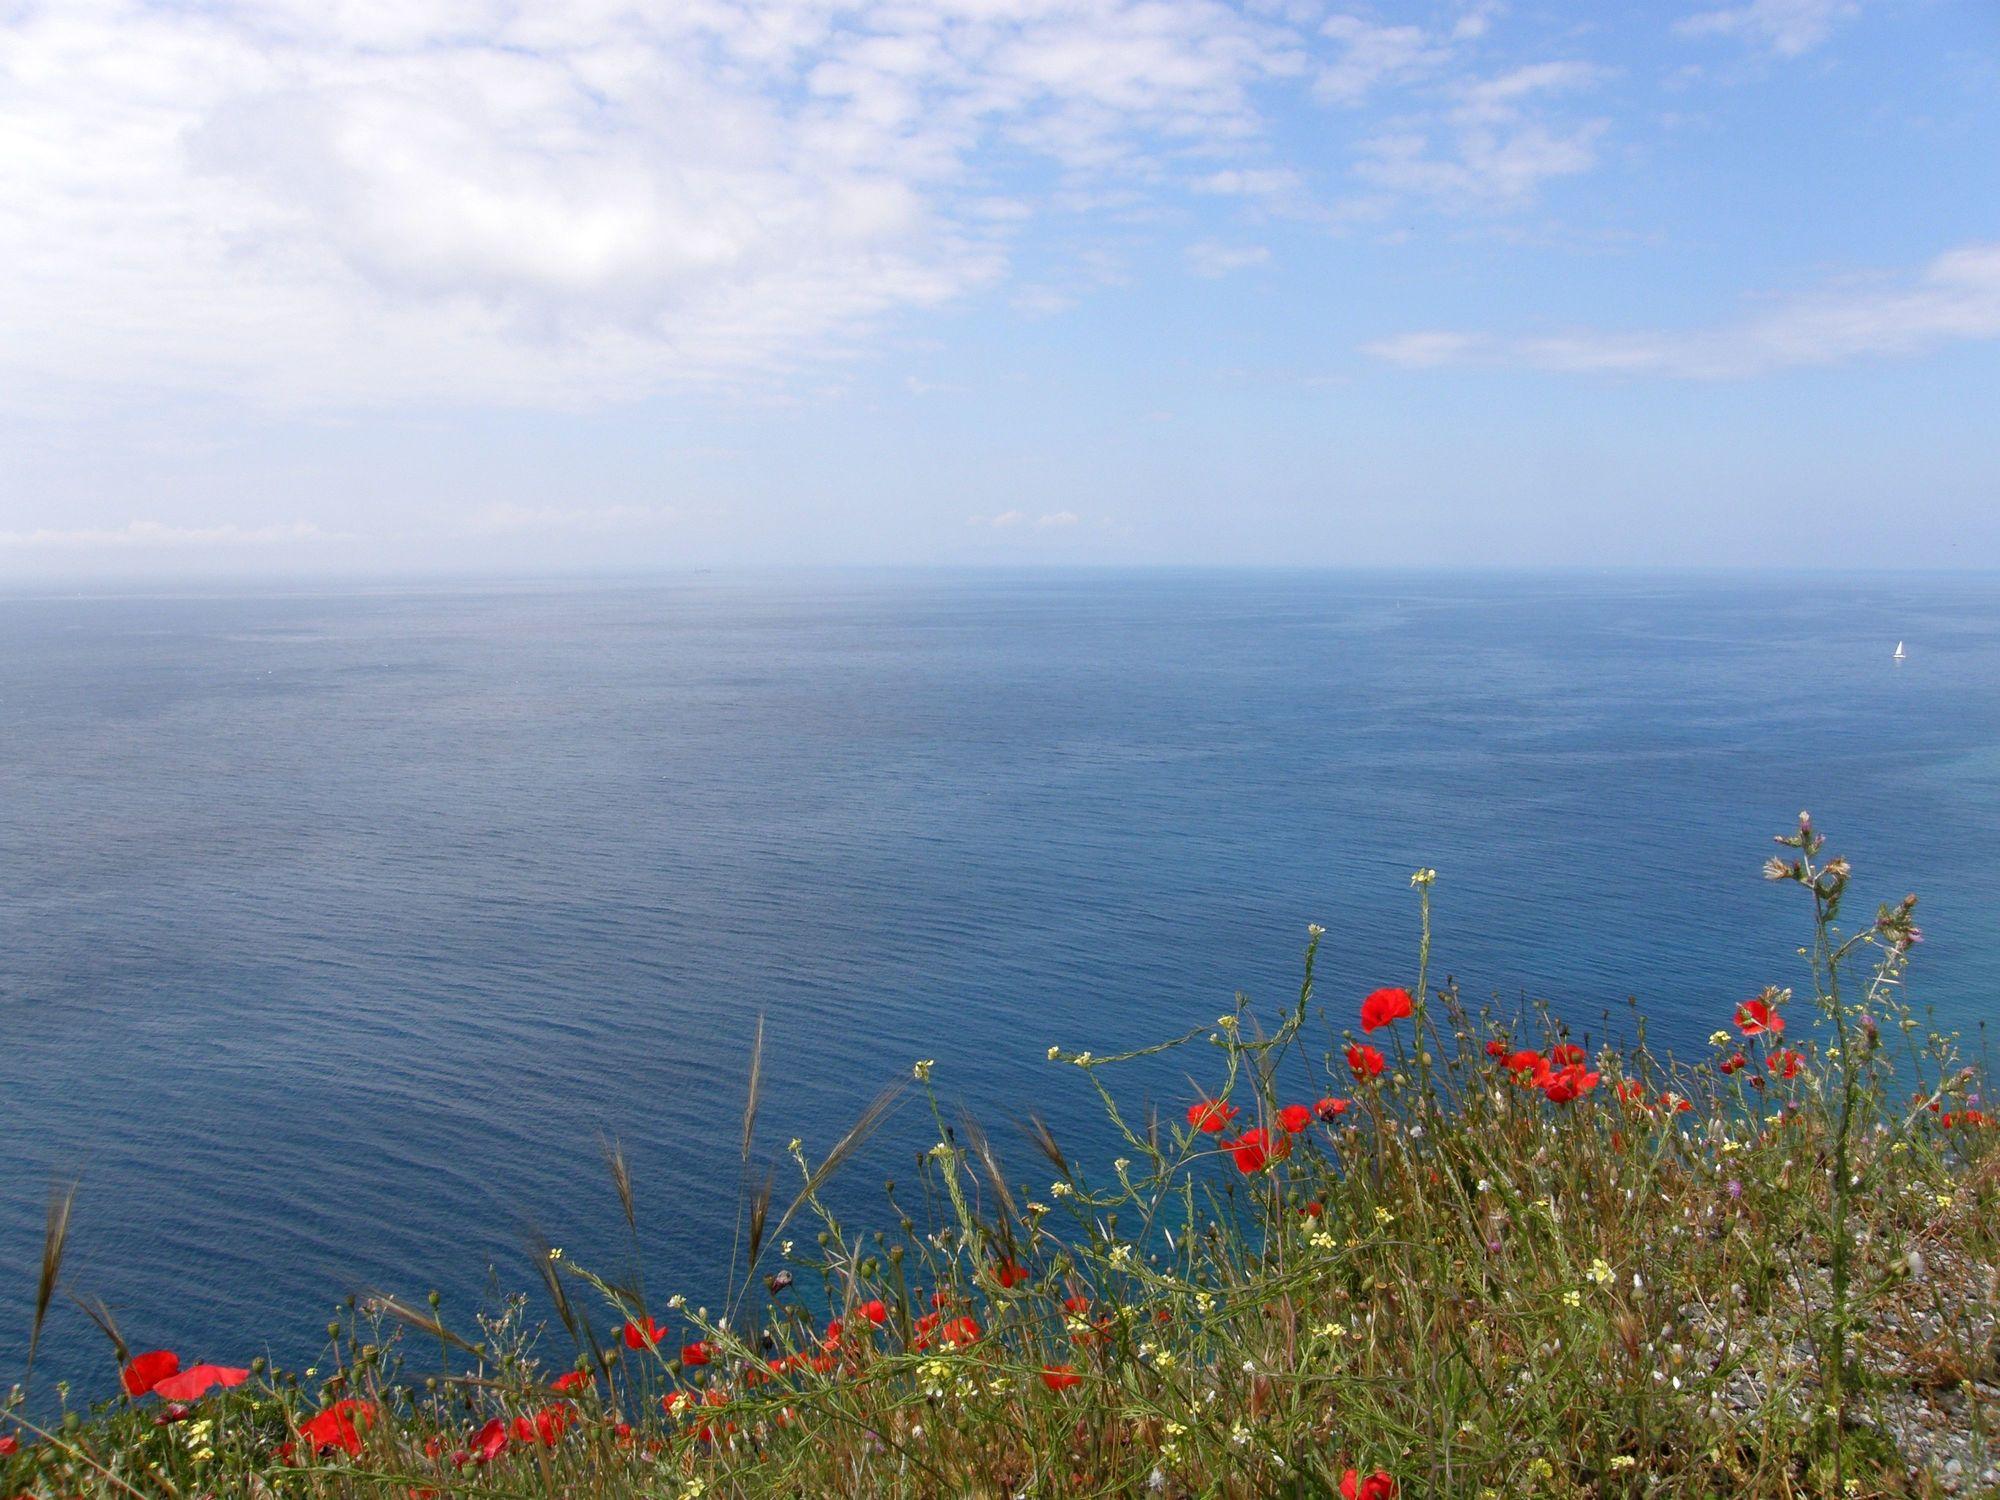 Bild mit Gewässer, Mohn, Meer, Mohnblume, Mohnfeld, See, Feld, Küste, Felder, Mohnblumen, küsten